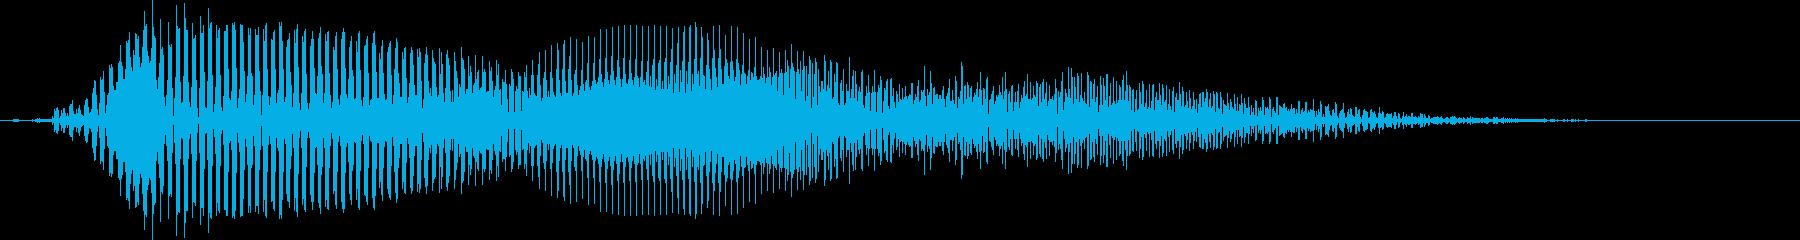 ああっ!【ダメージボイス、悲鳴】の再生済みの波形